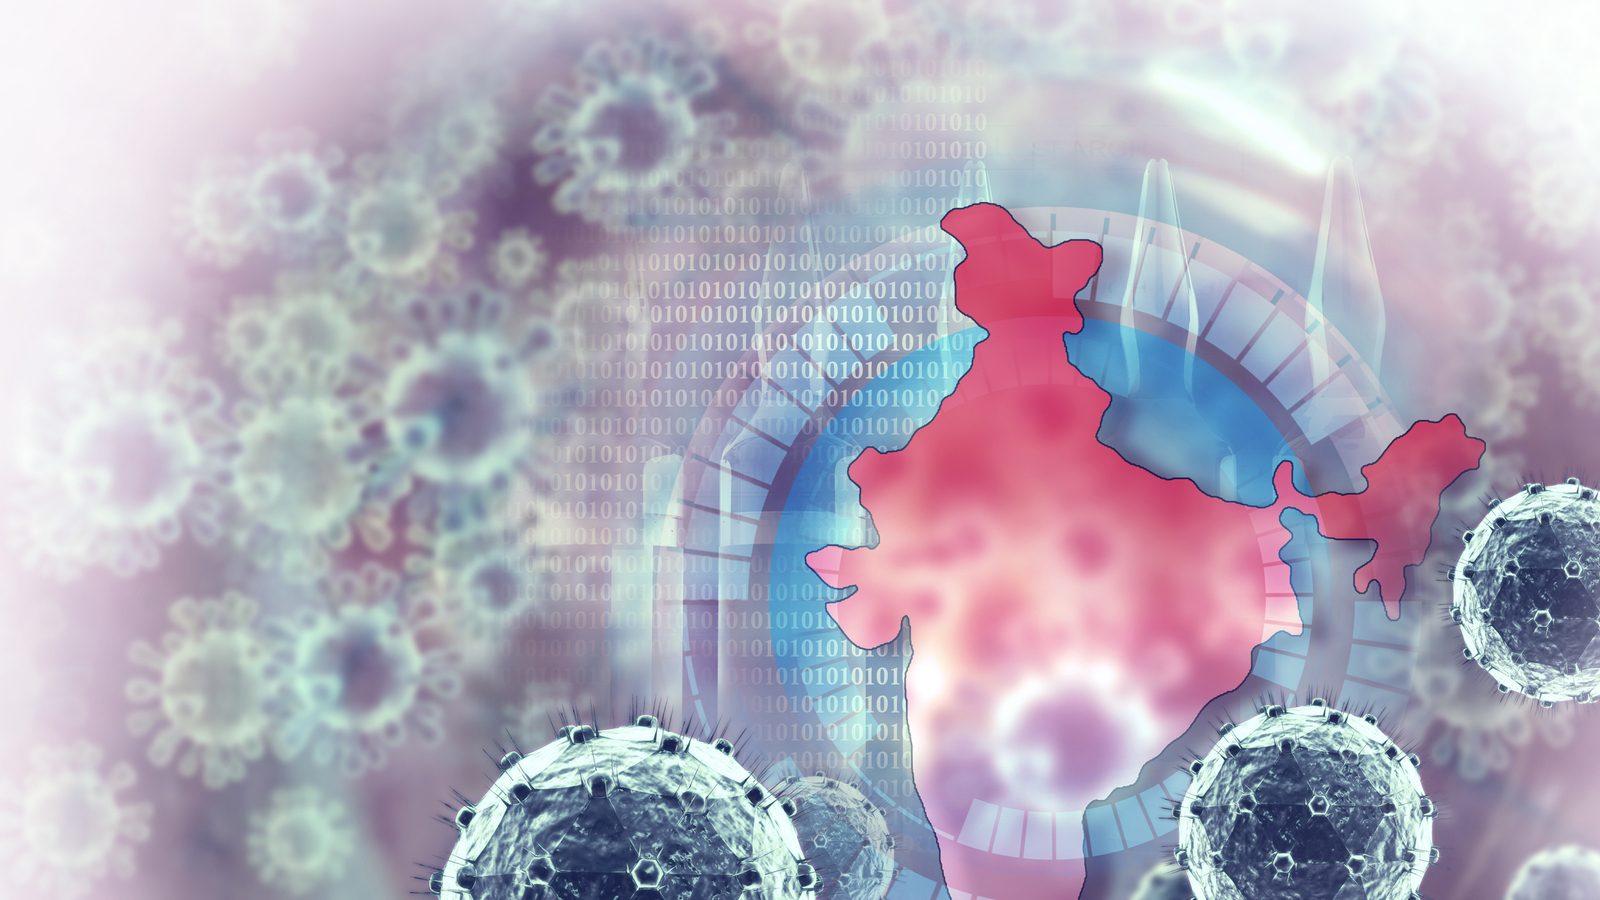 भारतमा कोरोना संक्रमितको संख्या ९० लाख नाघ्यो